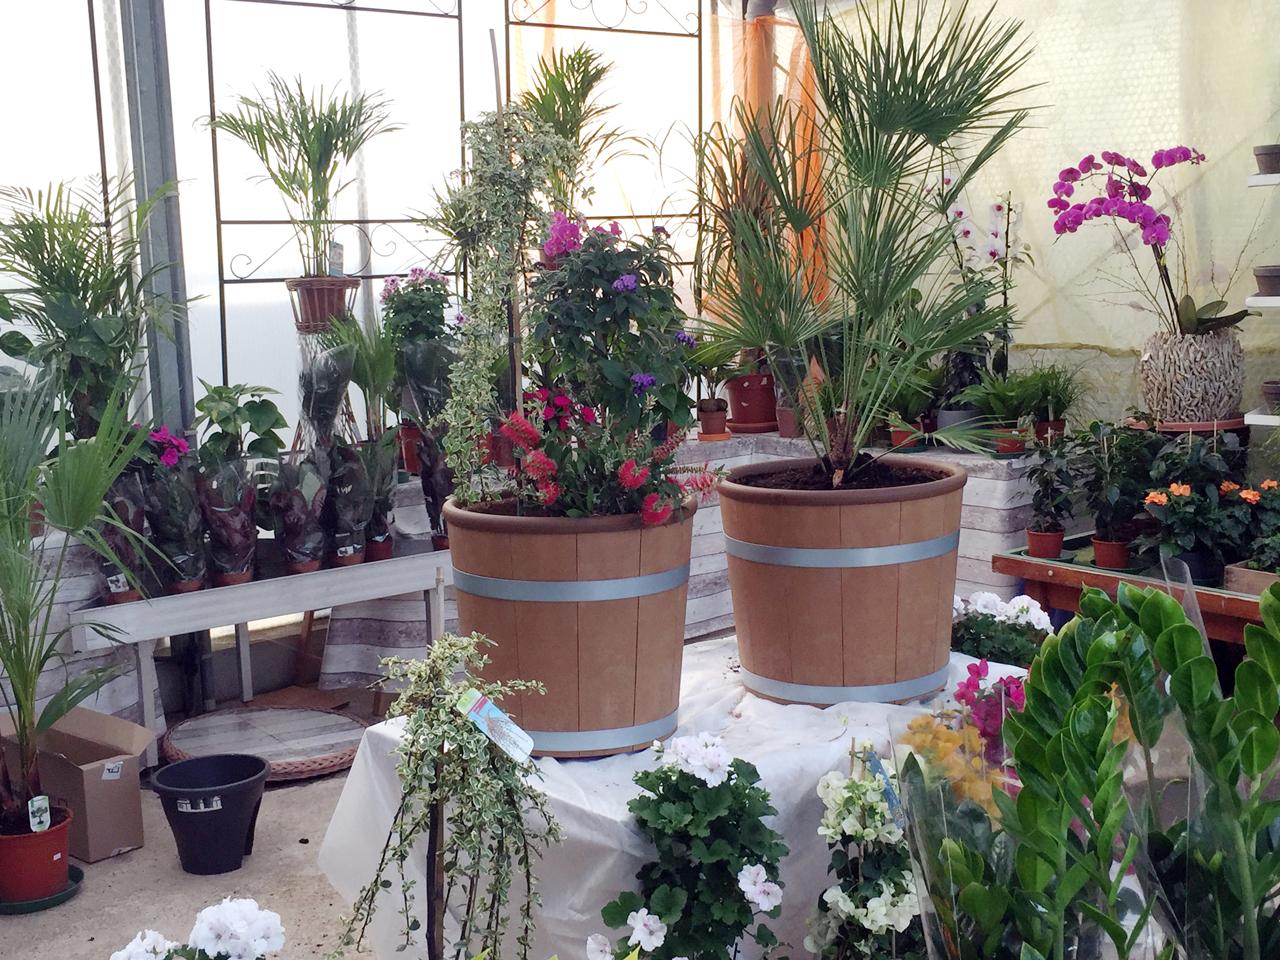 Öko-Blumenkübel Schökü-50 und Schökü-54 individuell bepflanzt von der Gärtnerei Blumen und Landschaftsbau Killat GbR